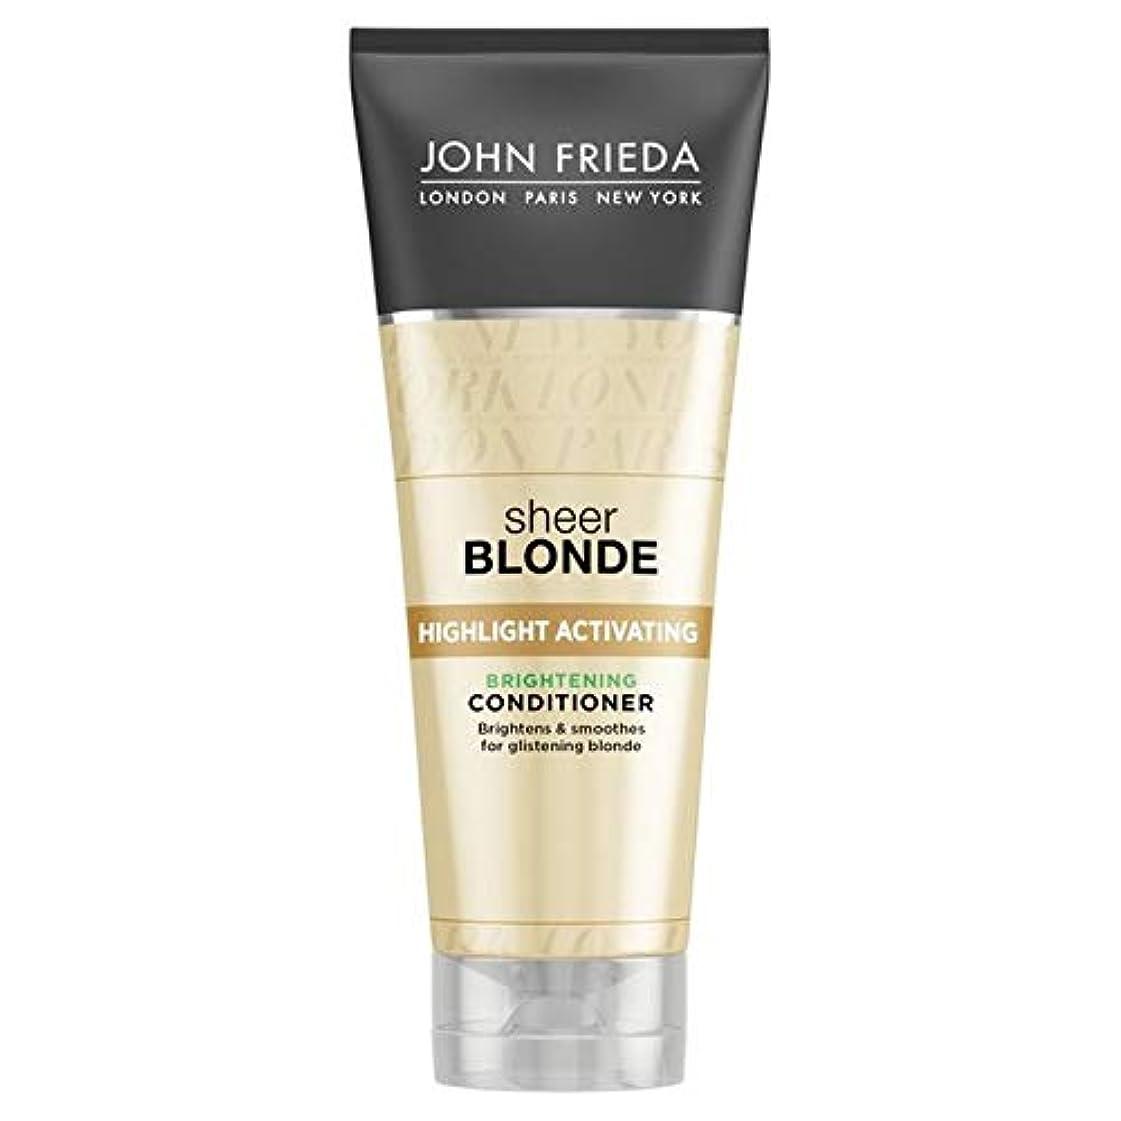 主流キラウエア山類推[John Frieda ] コンディショナー膨大なブロンド250ミリリットルを明るく活性化ジョン?フリーダハイライト - John Frieda Highlight Activating Brightening Conditioner Sheer Blonde 250ml [並行輸入品]